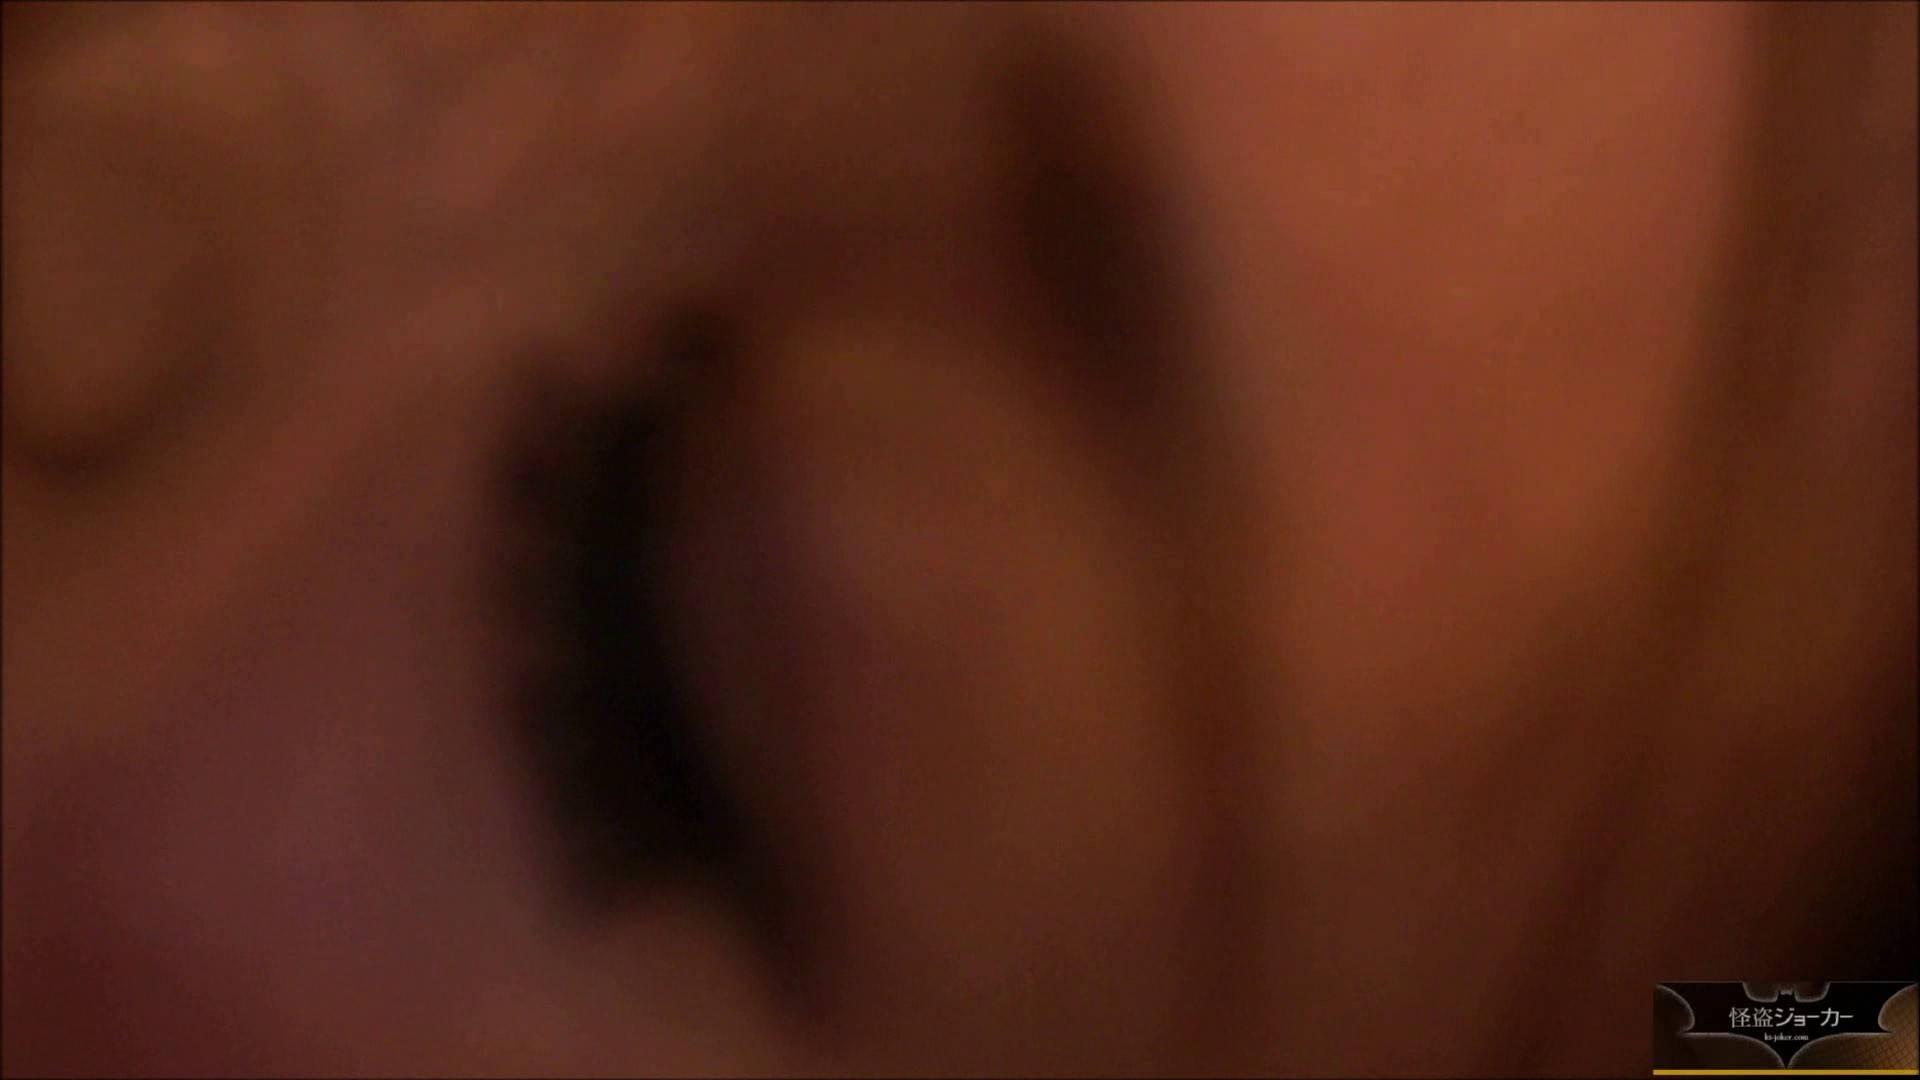 【未公開】vol.12【美人若妻】早苗さん②・・・求め、乱れ、イキっぱなし。 淫乱 AV動画キャプチャ 84pic 2